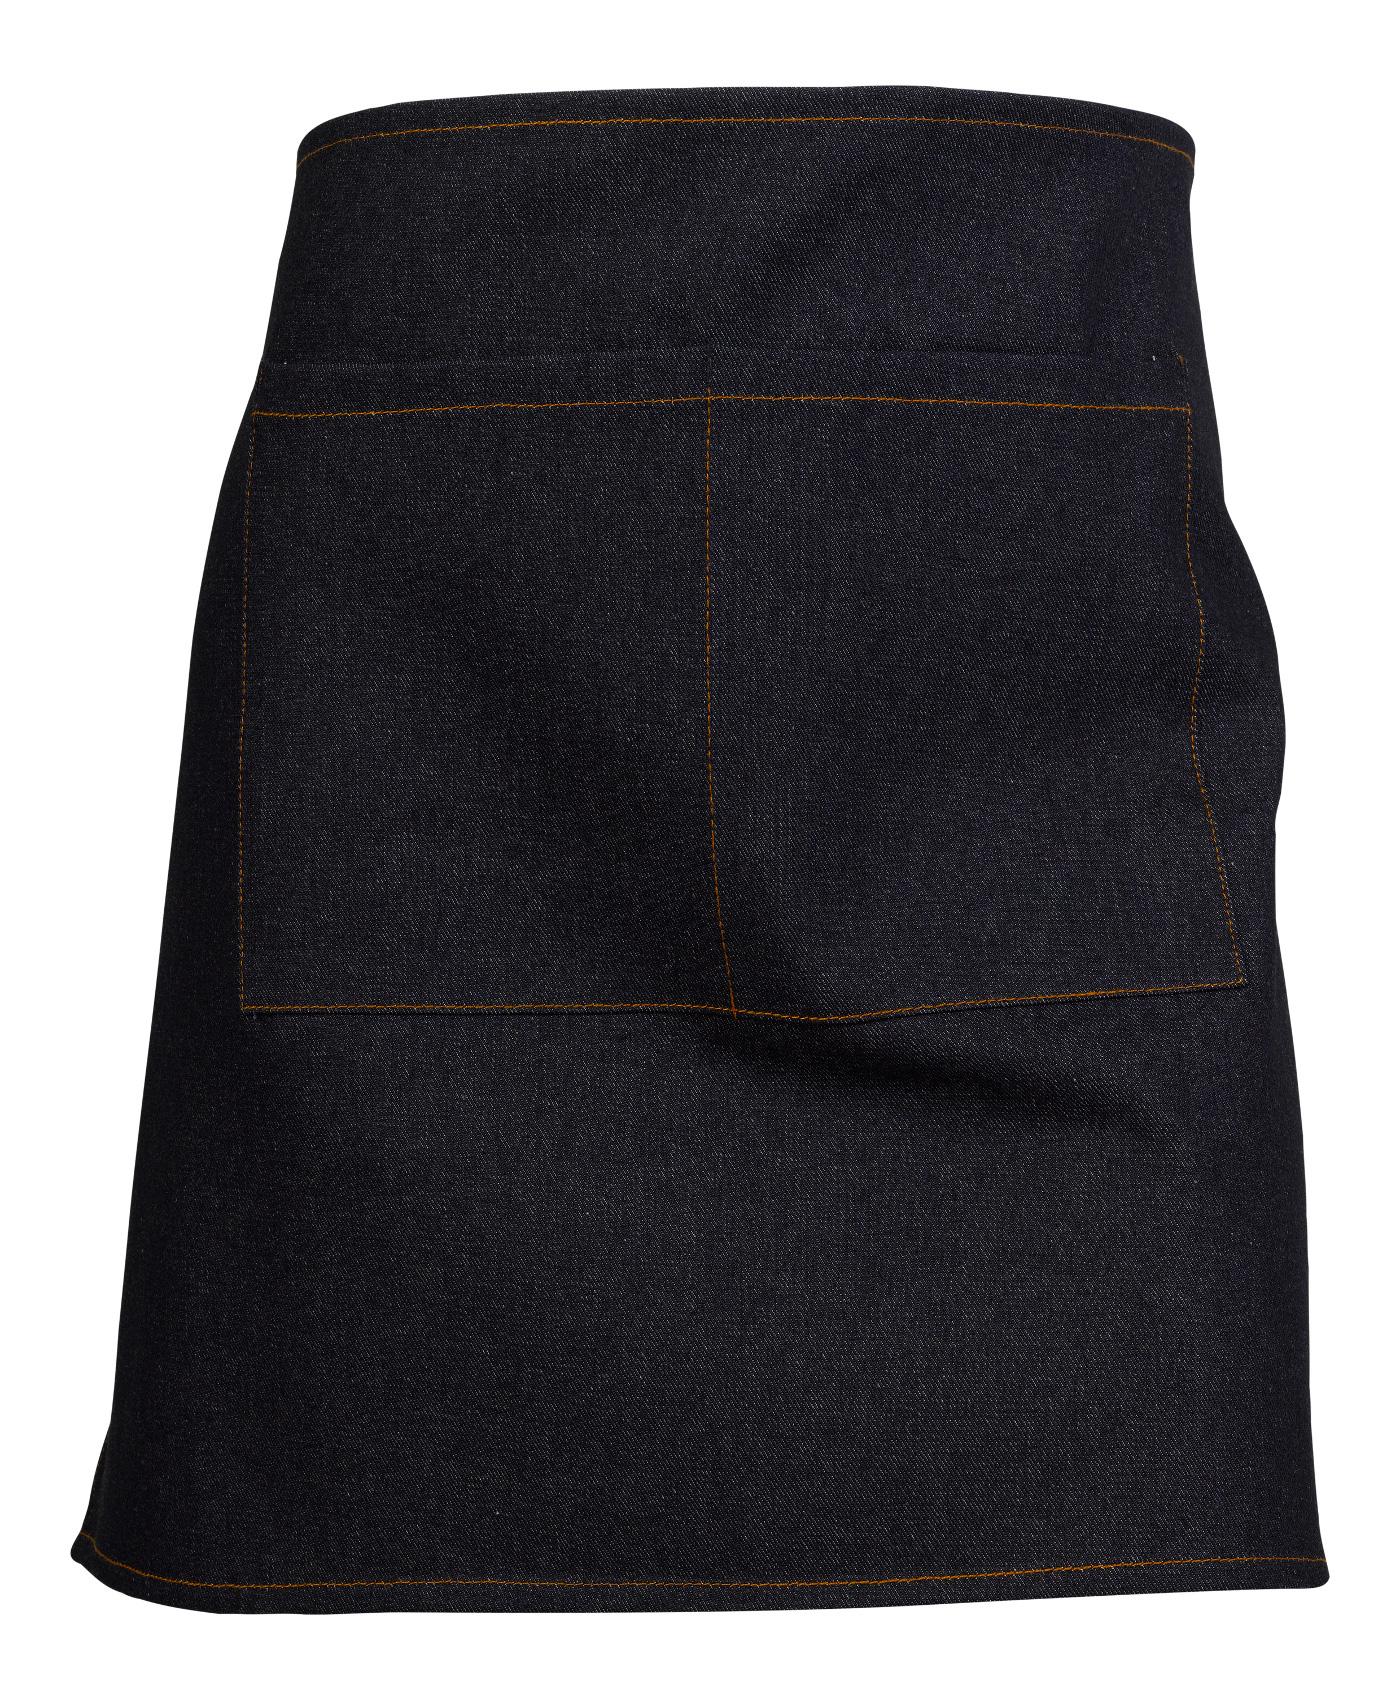 White half apron ebay - Picture 2 Of 3